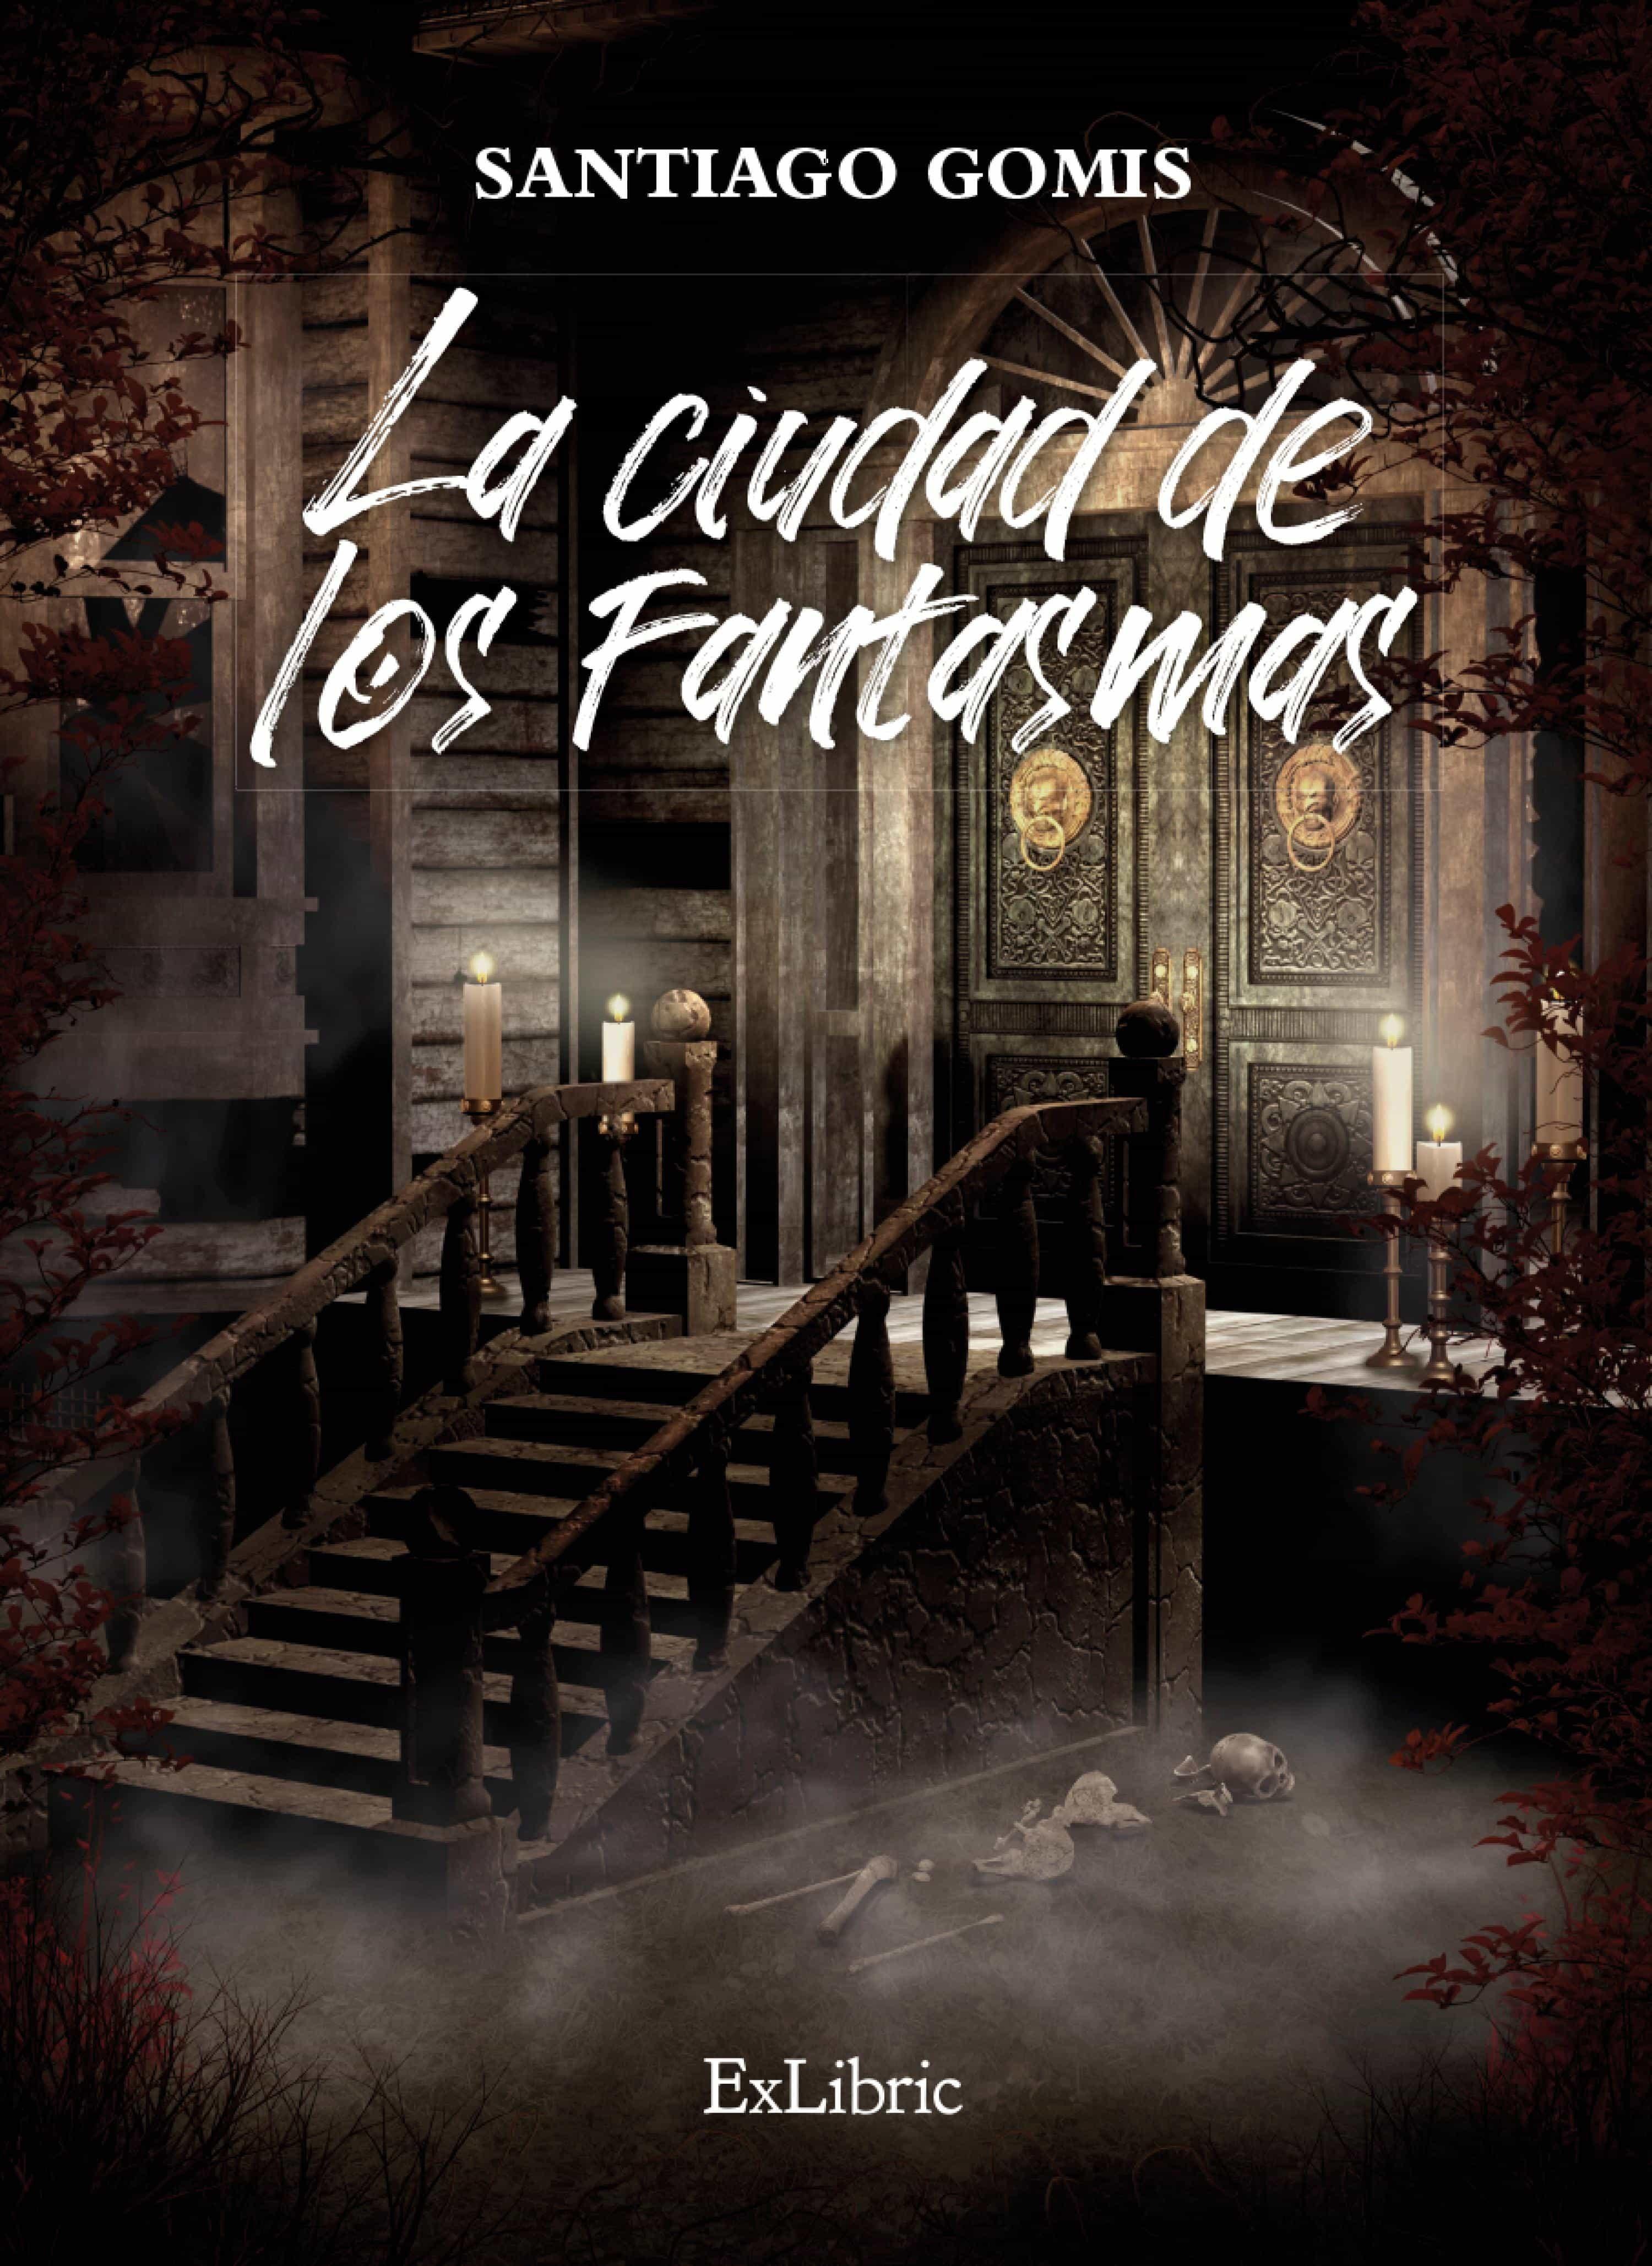 LA CIUDAD DE LOS FANTASMAS EBOOK | SANTIAGO JAVIER GOMIS